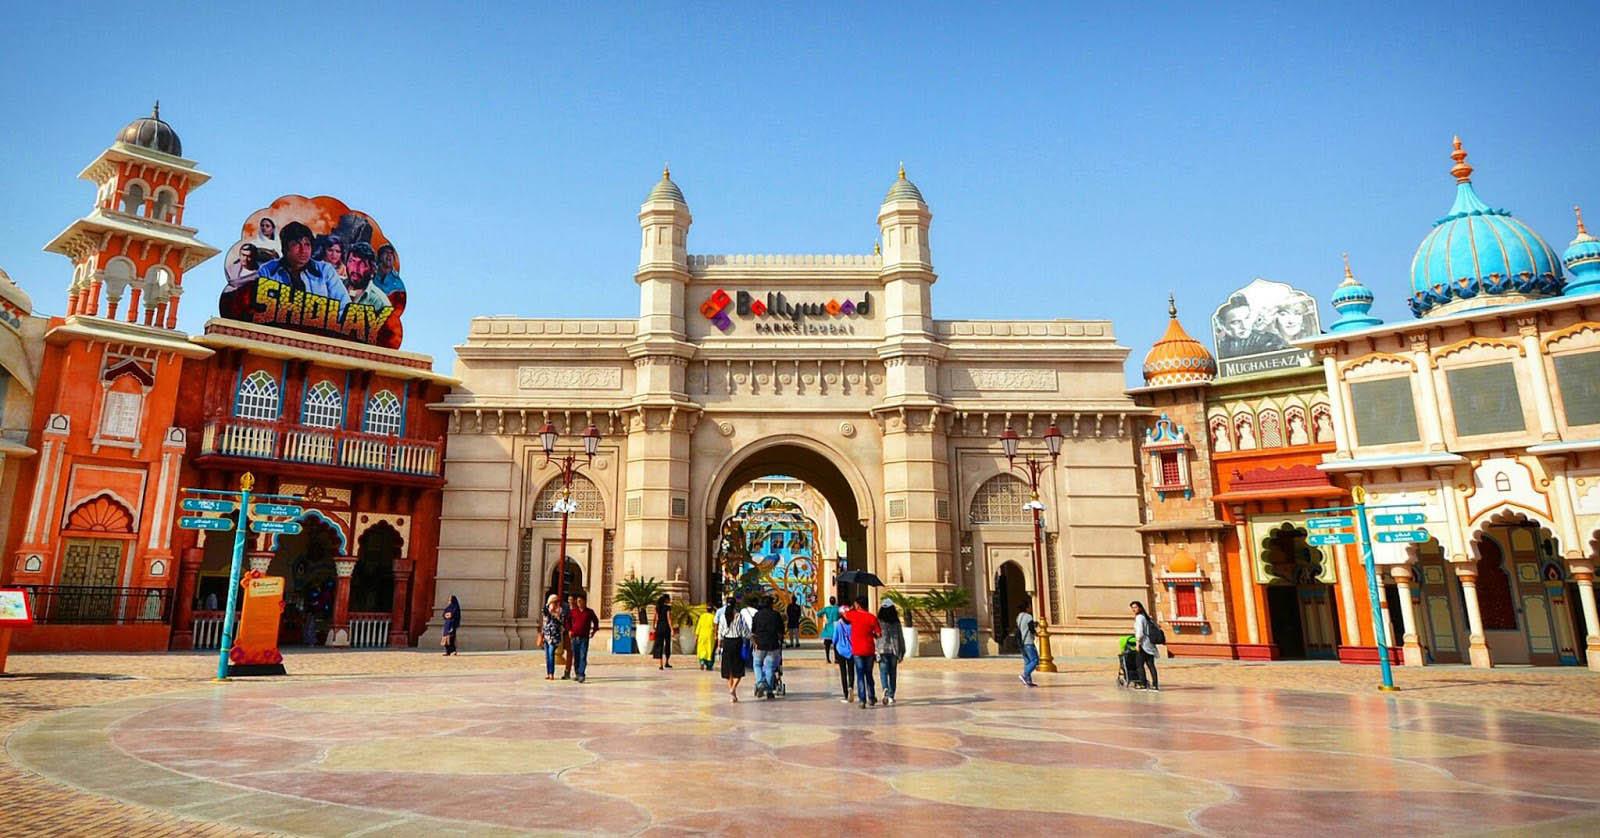 Dubai Parks - Bollywood